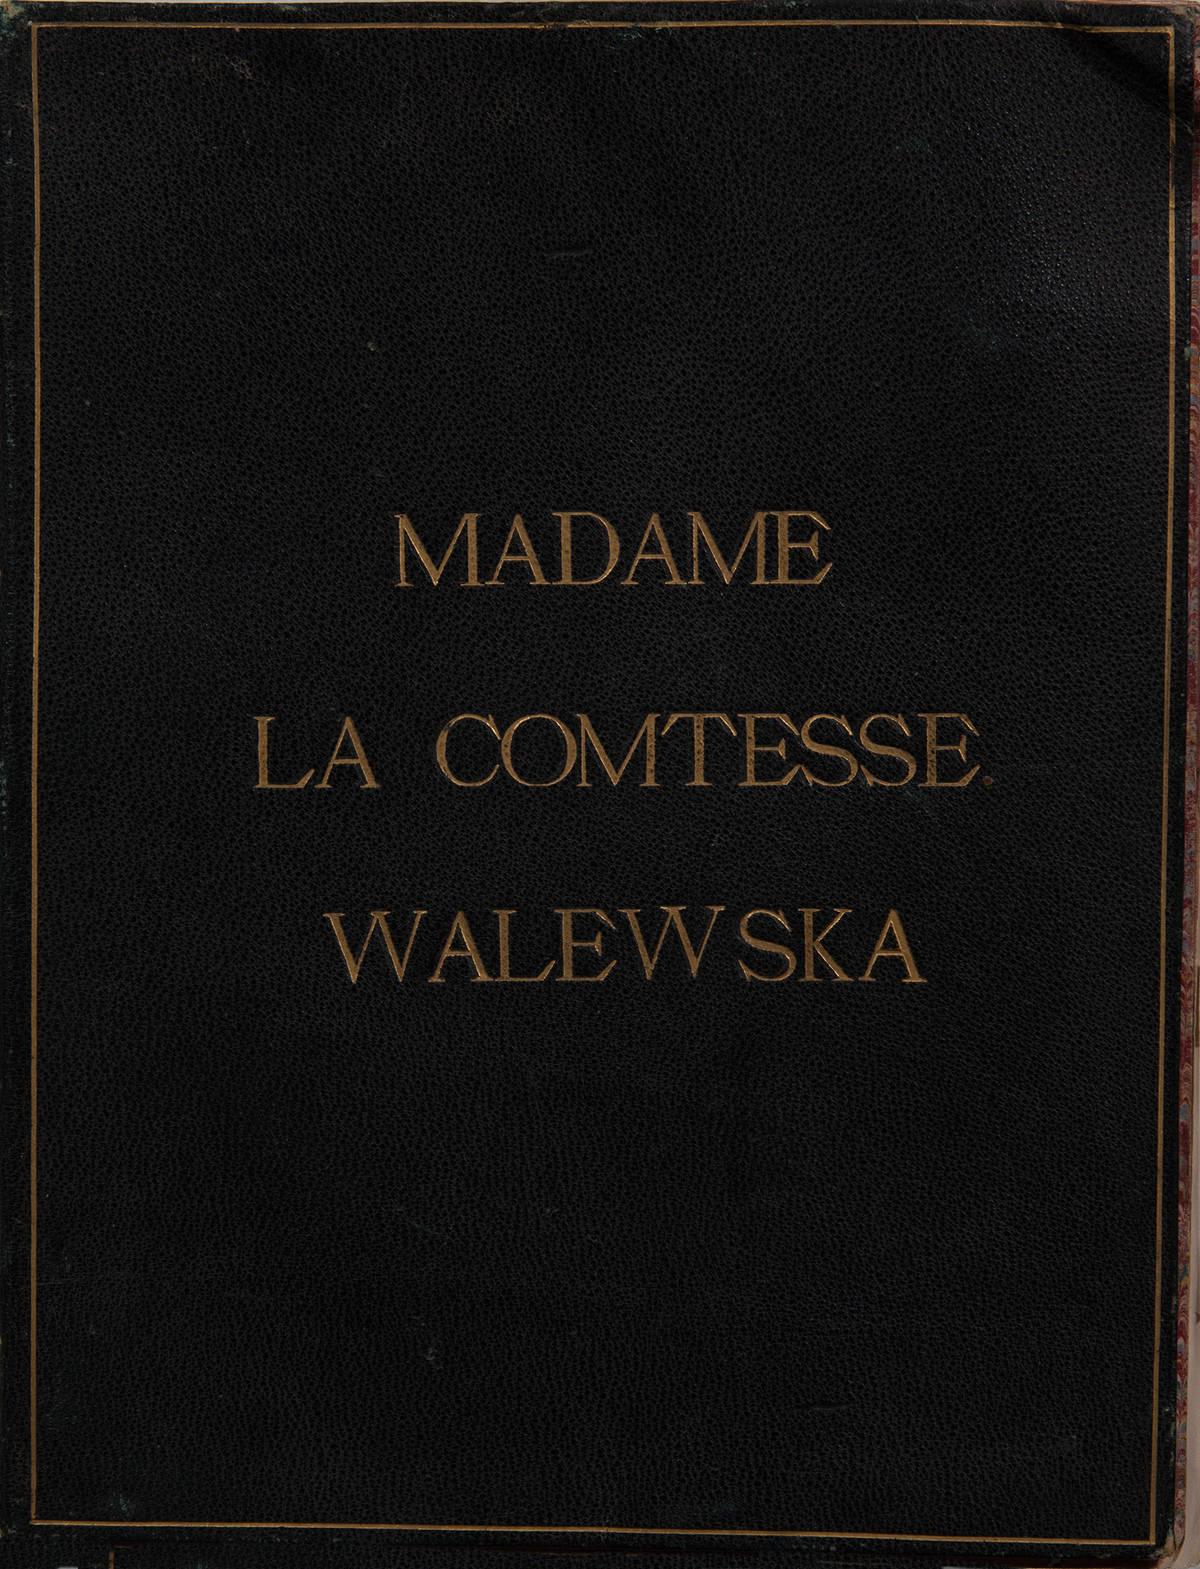 Livre d'or de la Comtesse Waleska